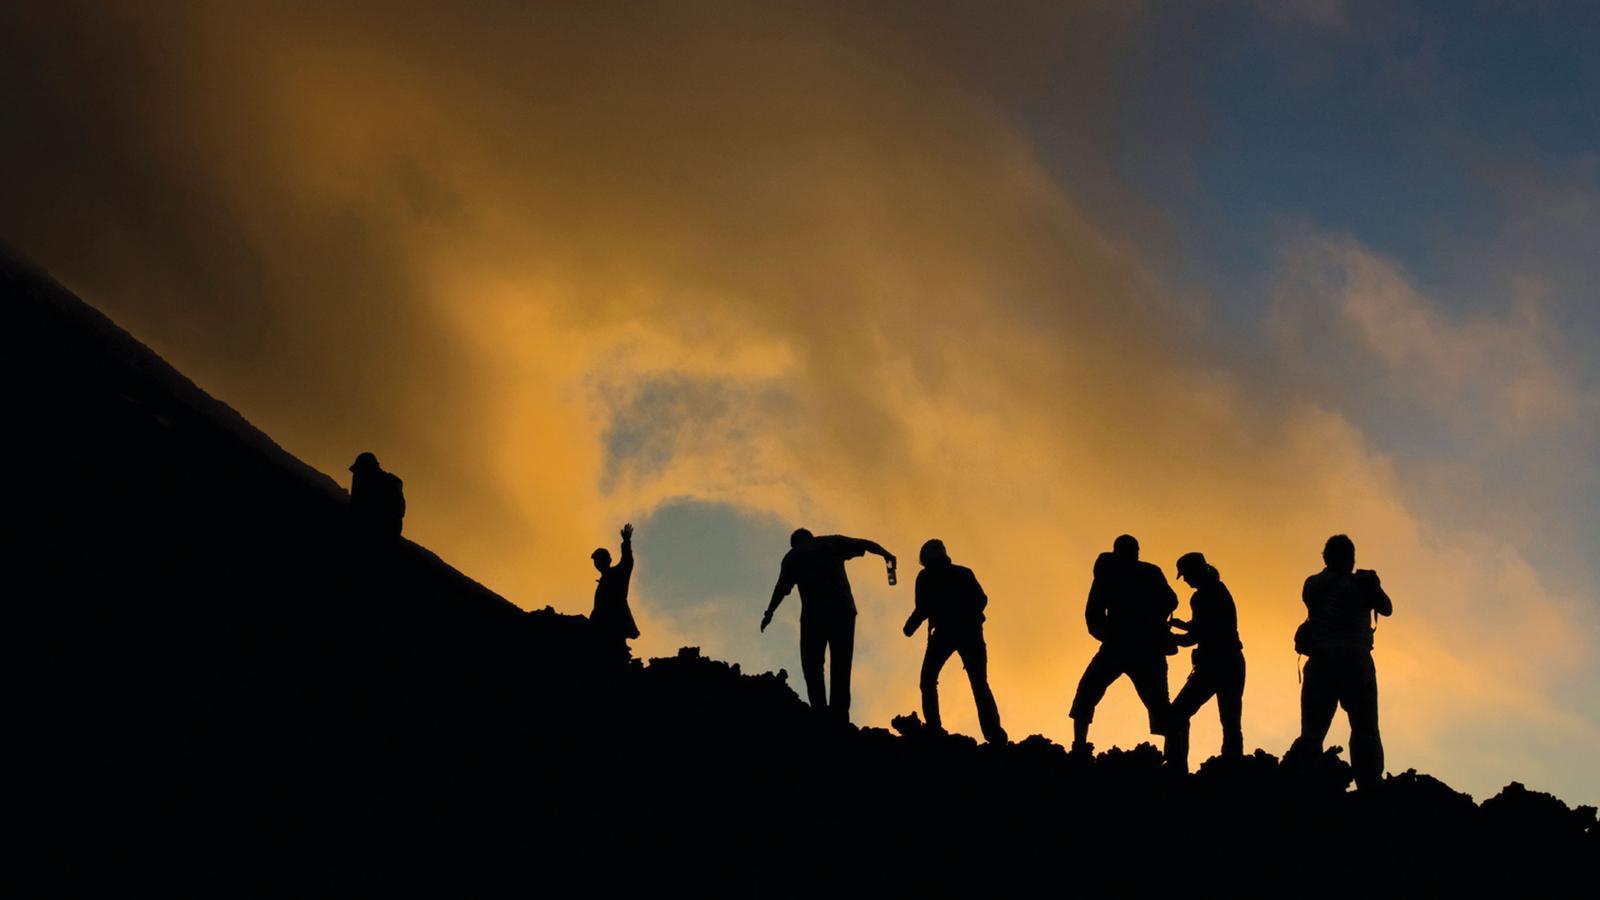 Mittelamerika Reise für junge Leute in der Gruppe preiswert reisen durch Costa Rica Guatemala Honduras Nicaragua traveljunkies